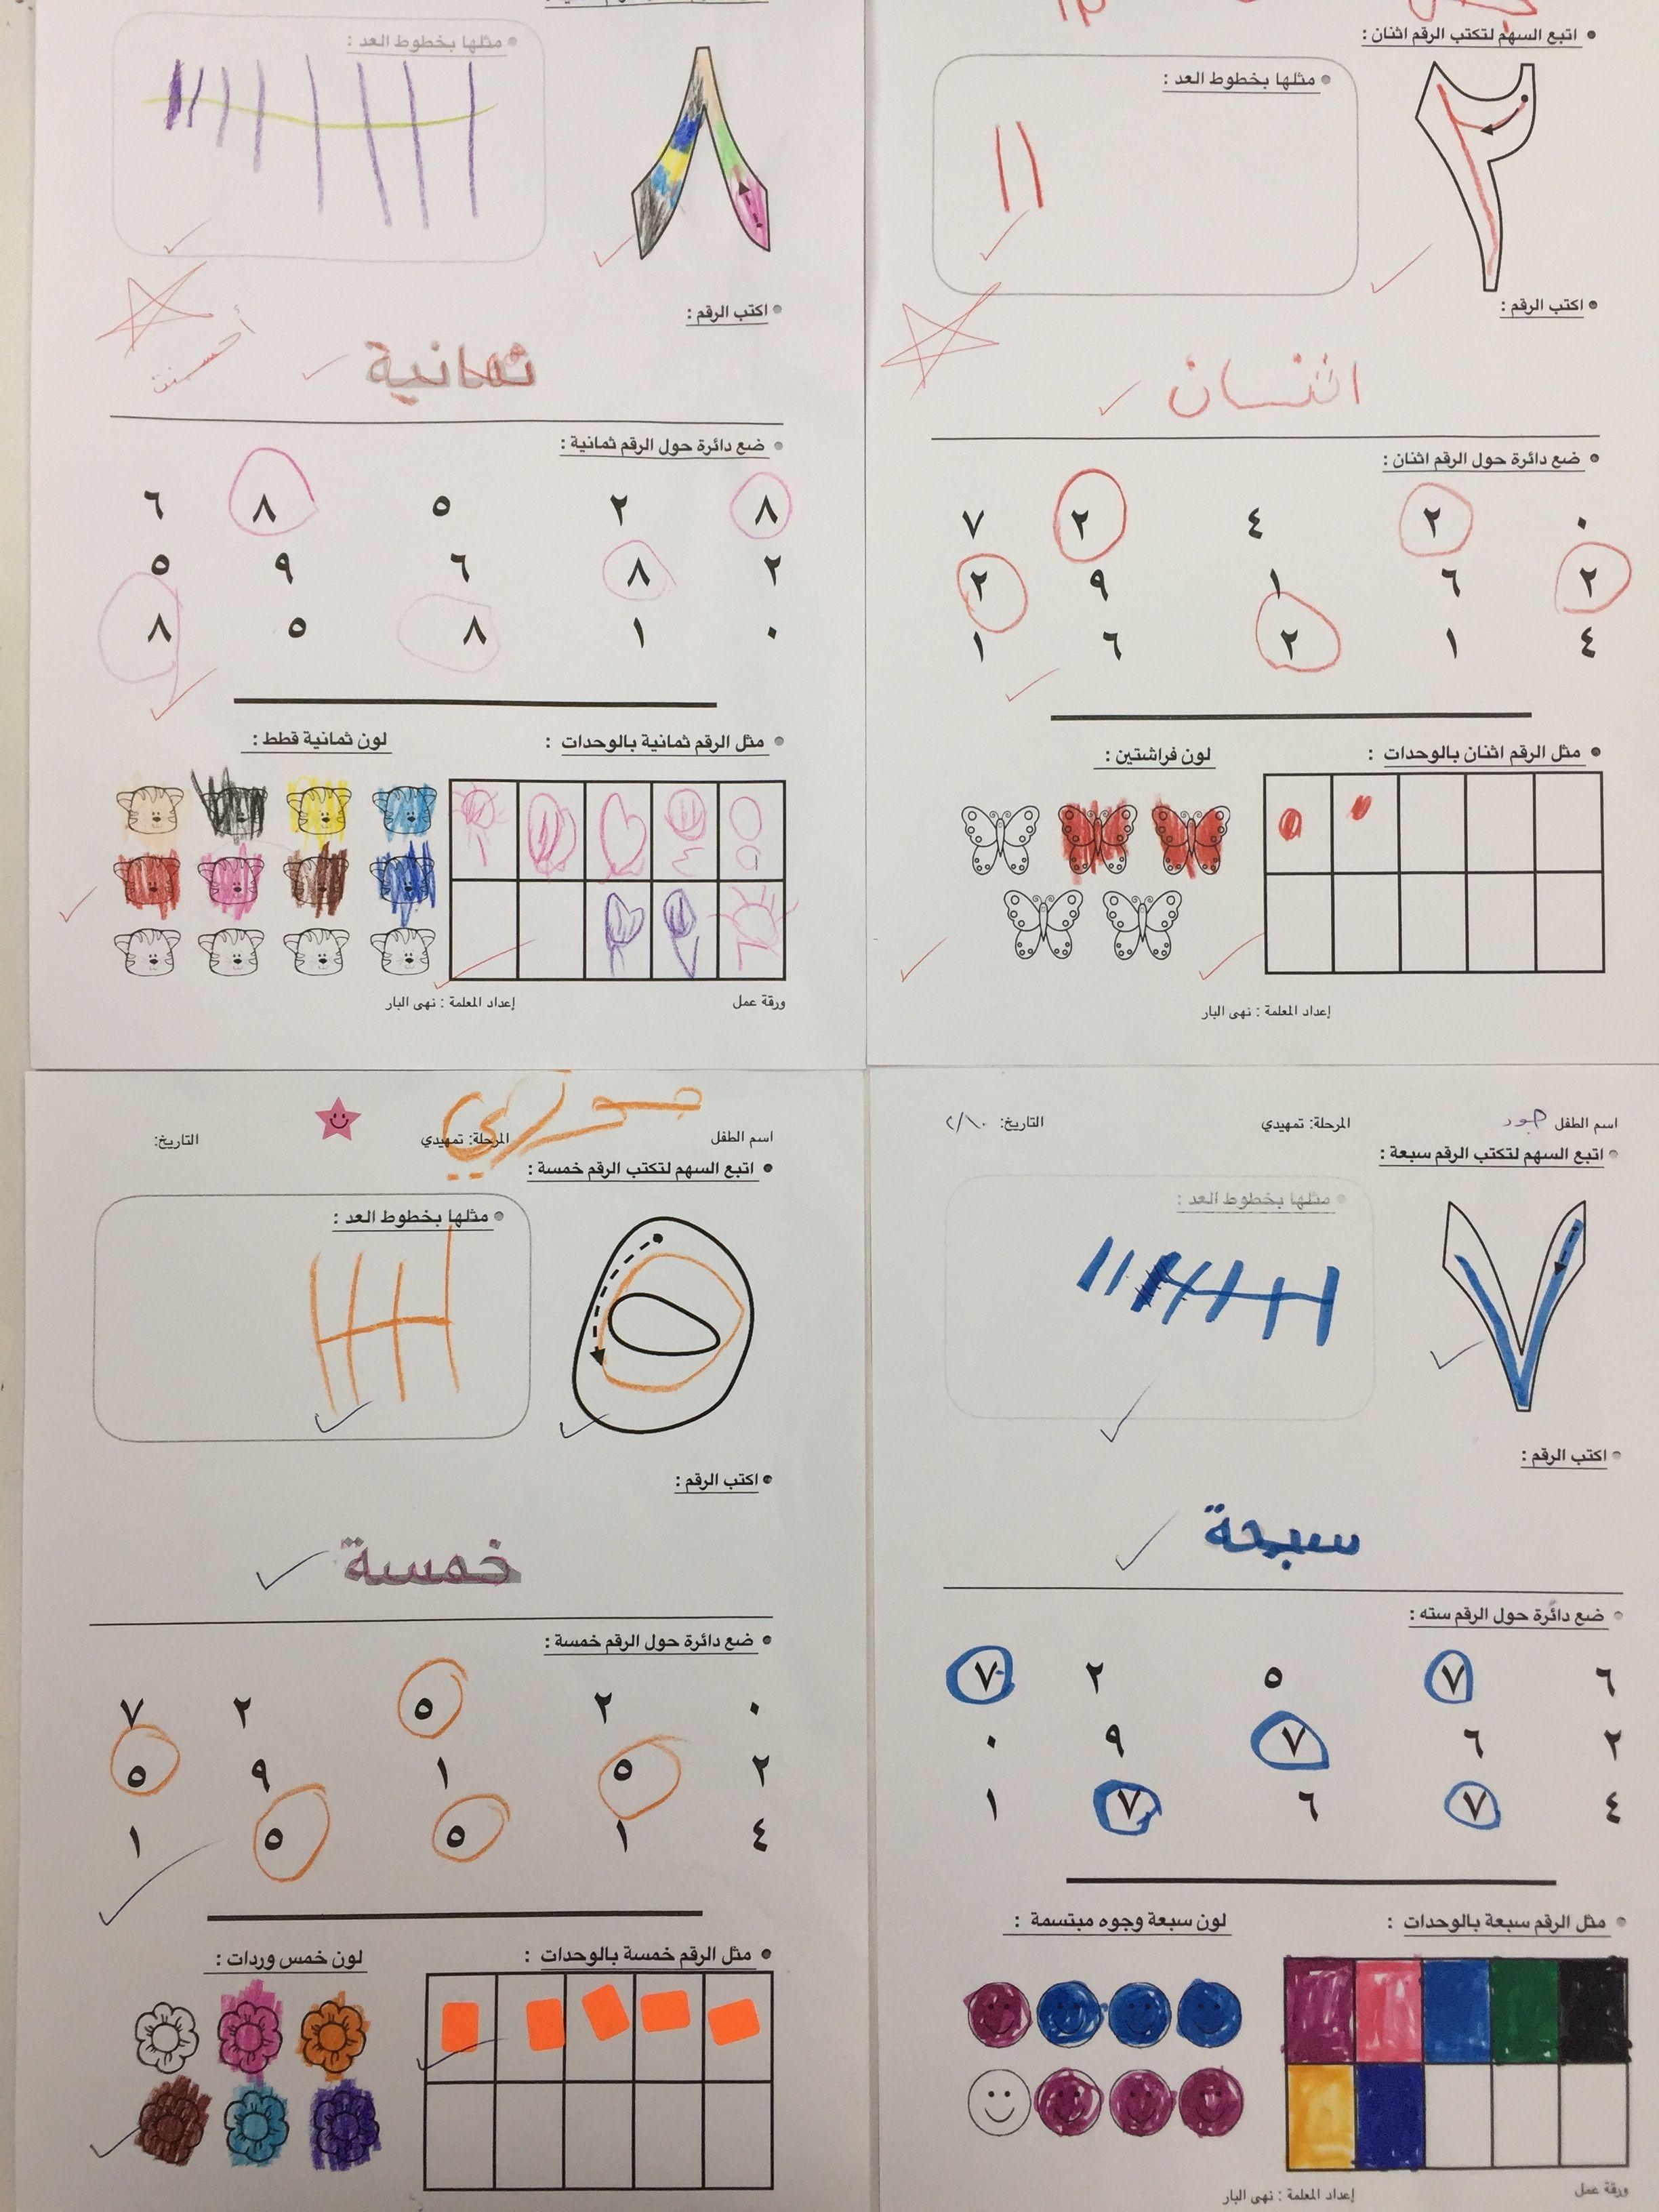 ورقة عمل الأرقام من ١ ١٠ رياضيات أرقام تمهيدي Paper Crafts For Kids Teach Arabic Angel Painting